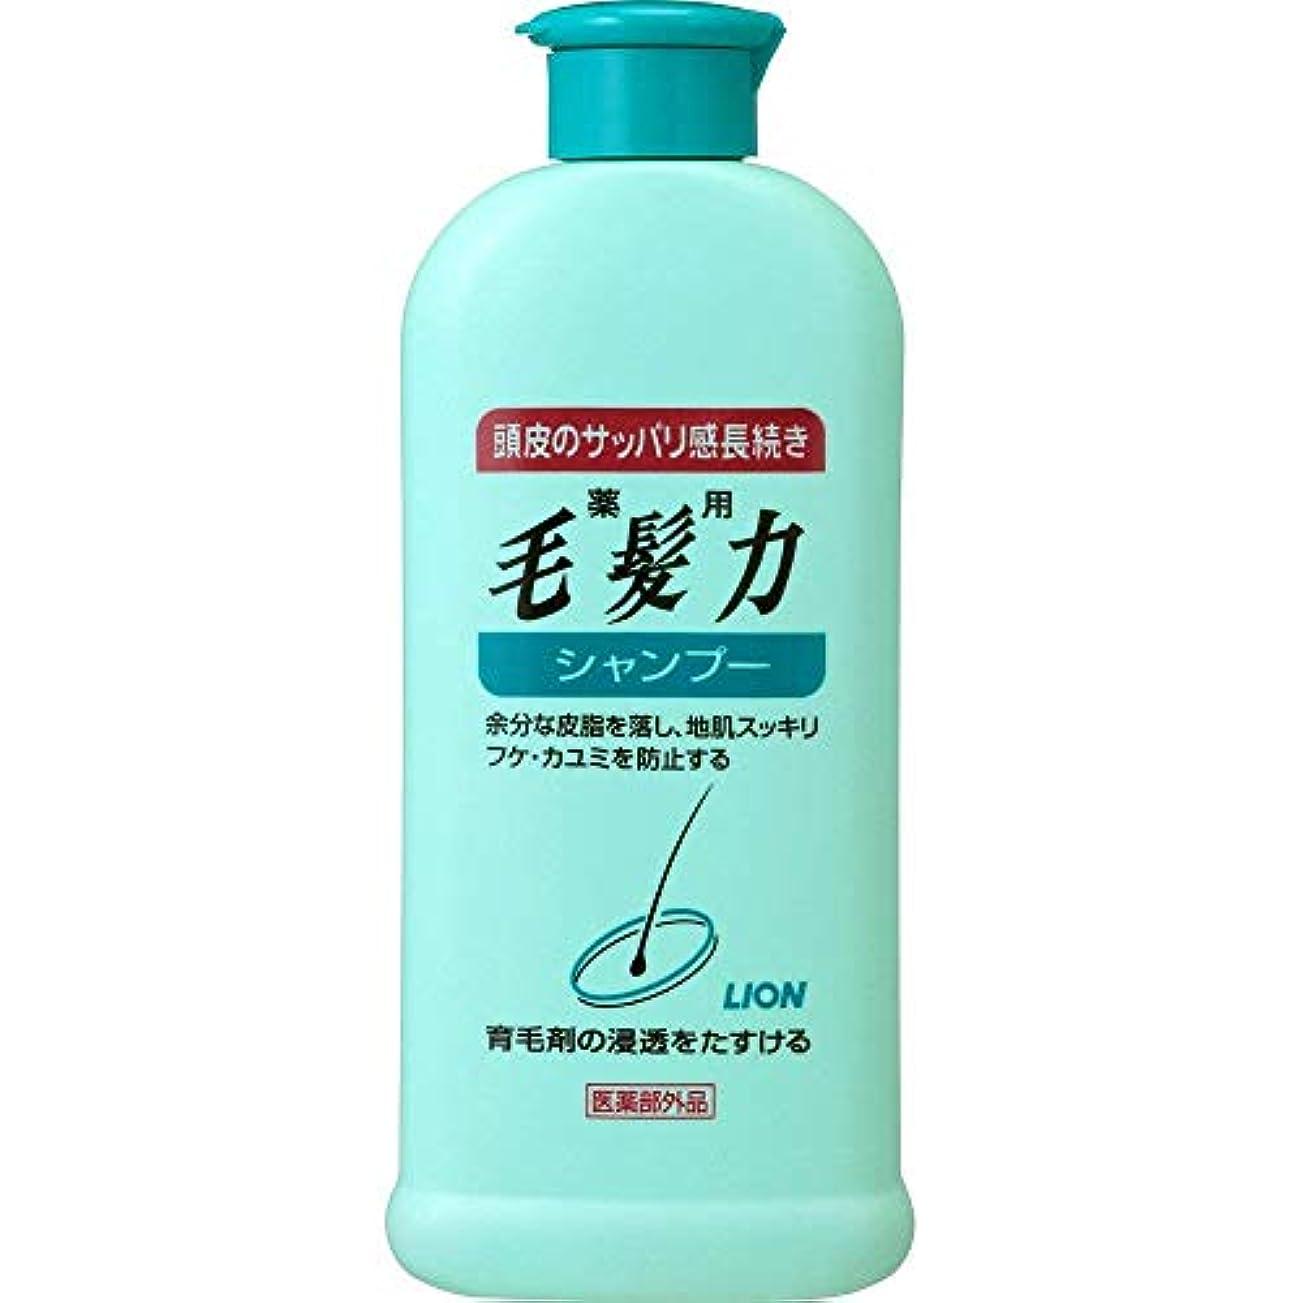 置くためにパック八レタス【ライオン】薬用毛髪力 シャンプー 200ml ×5個セット